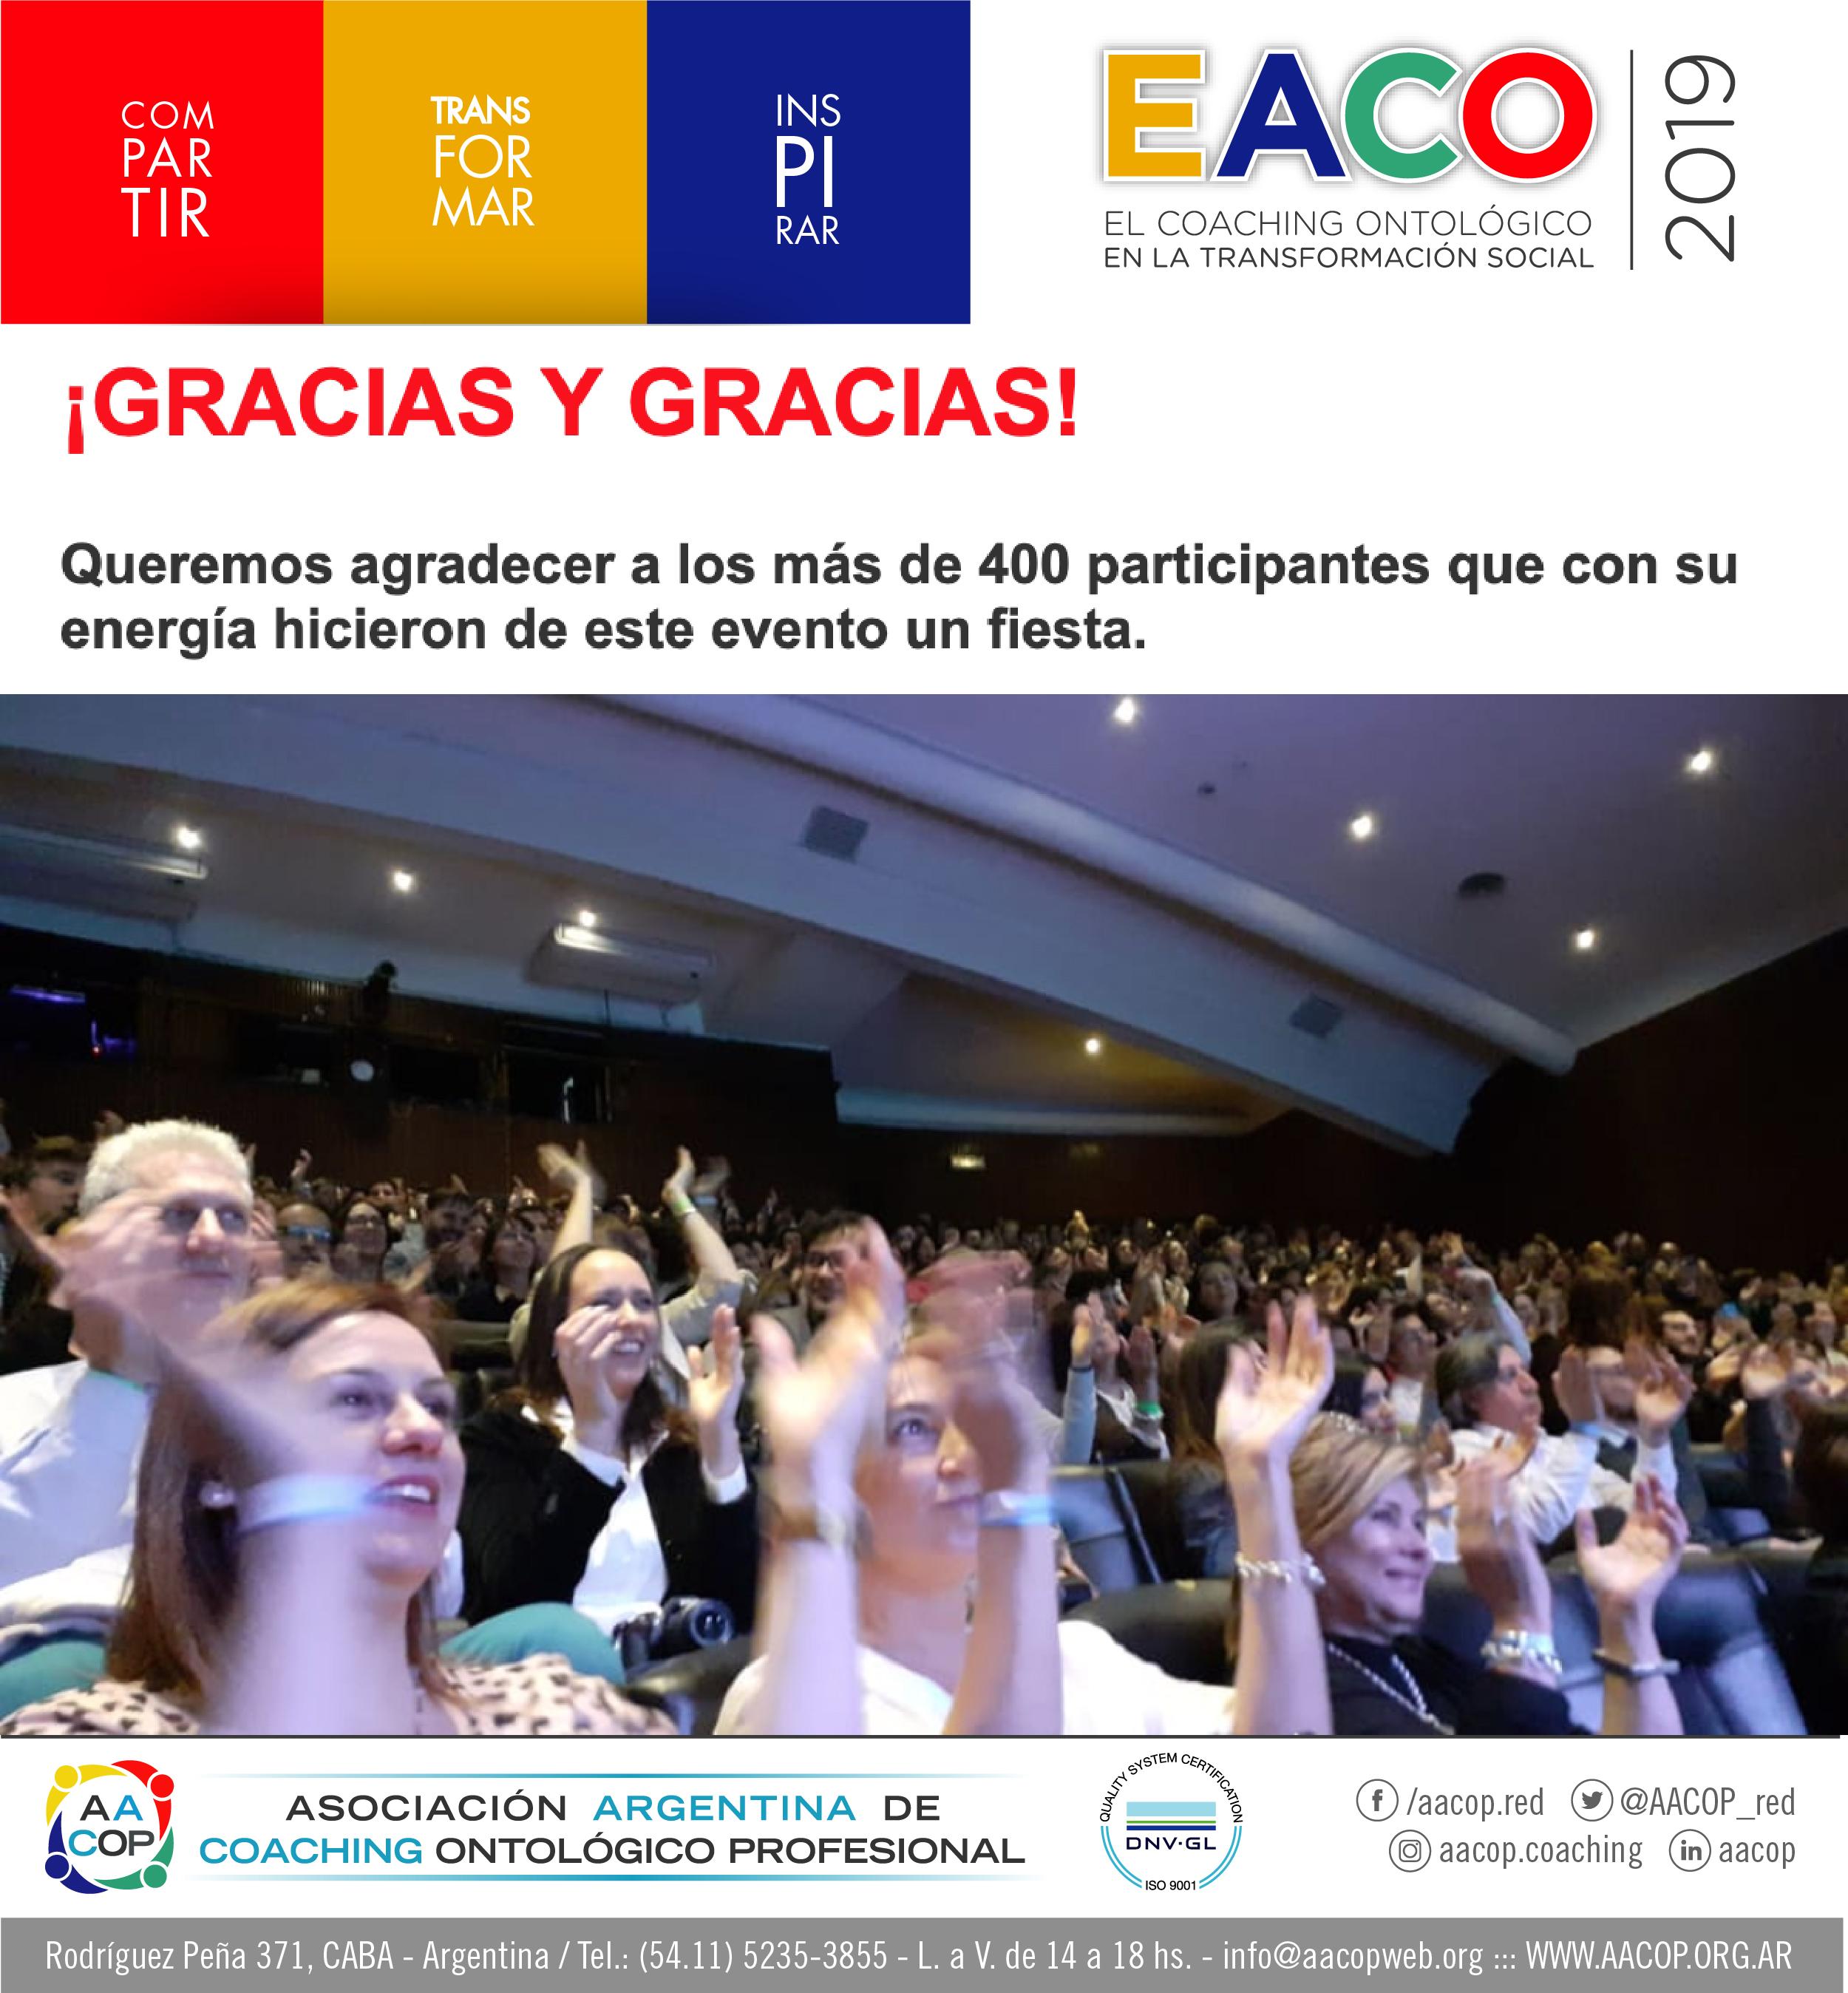 Felices de haber vivido un nuevo EACO | imagen